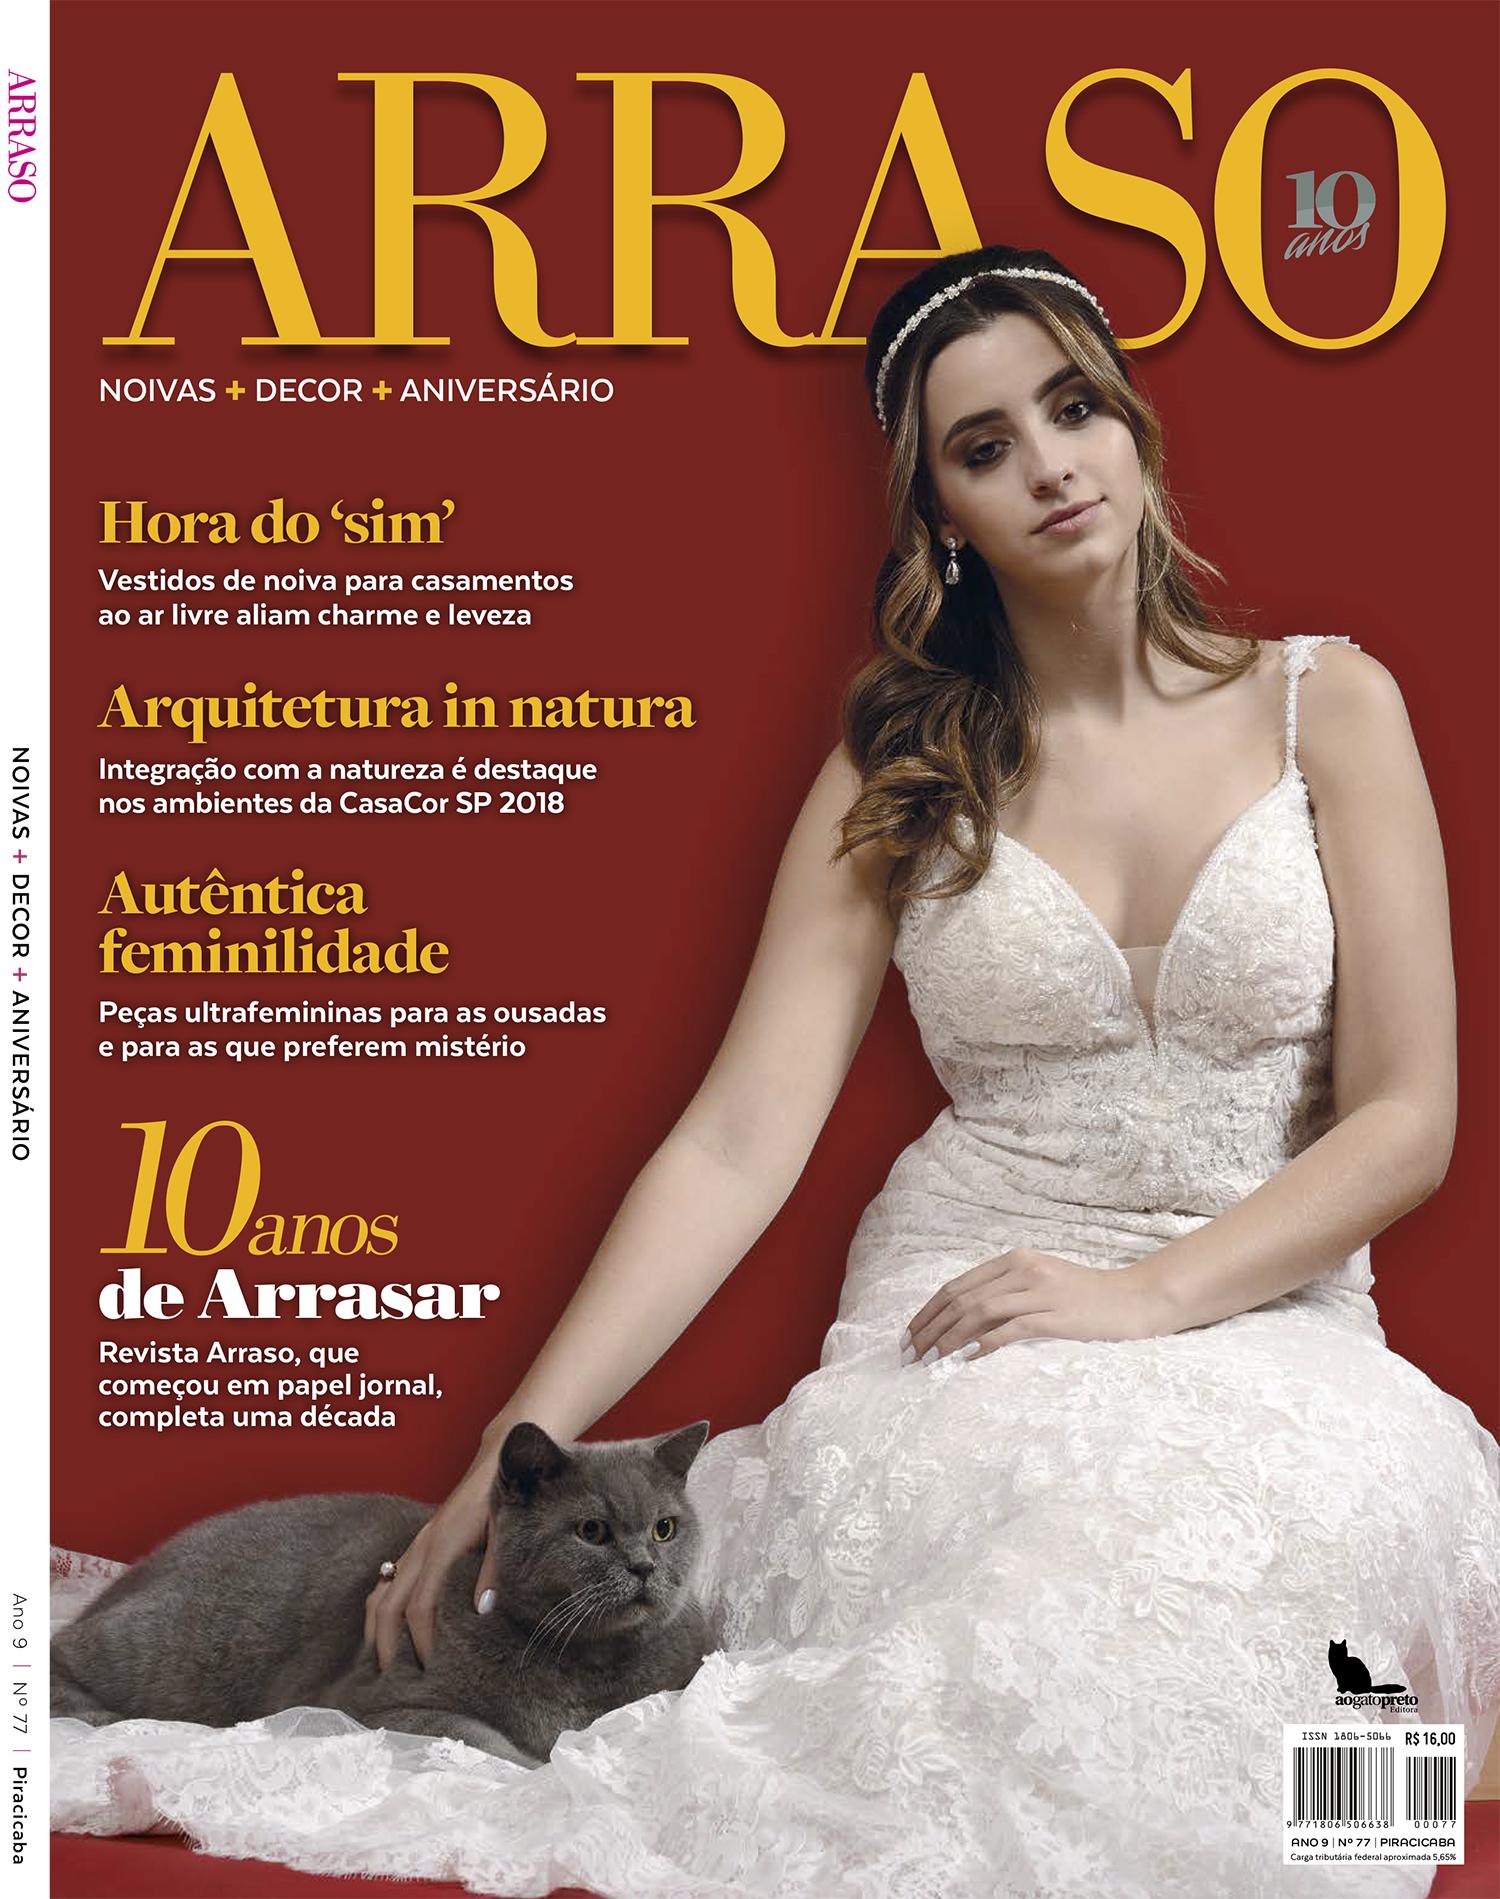 Capa Revista Arraso - Setembro 2018